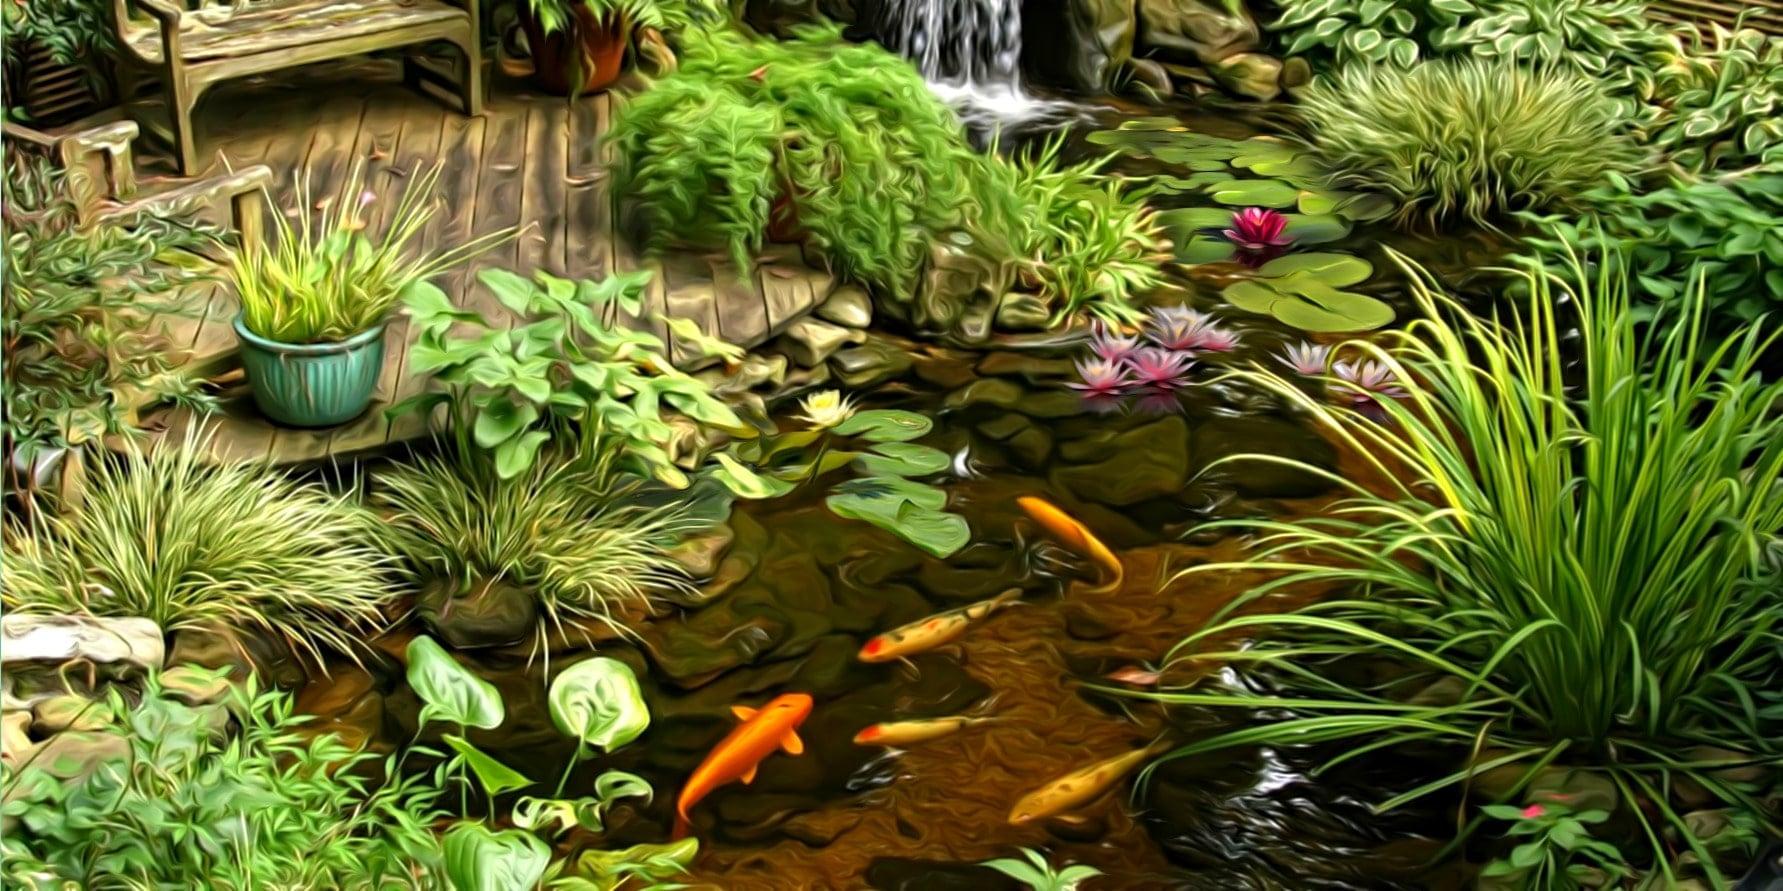 Как подготовить пруд к зиме? 8 советов по правильной зимовке рыб и растений в пруду на даче!